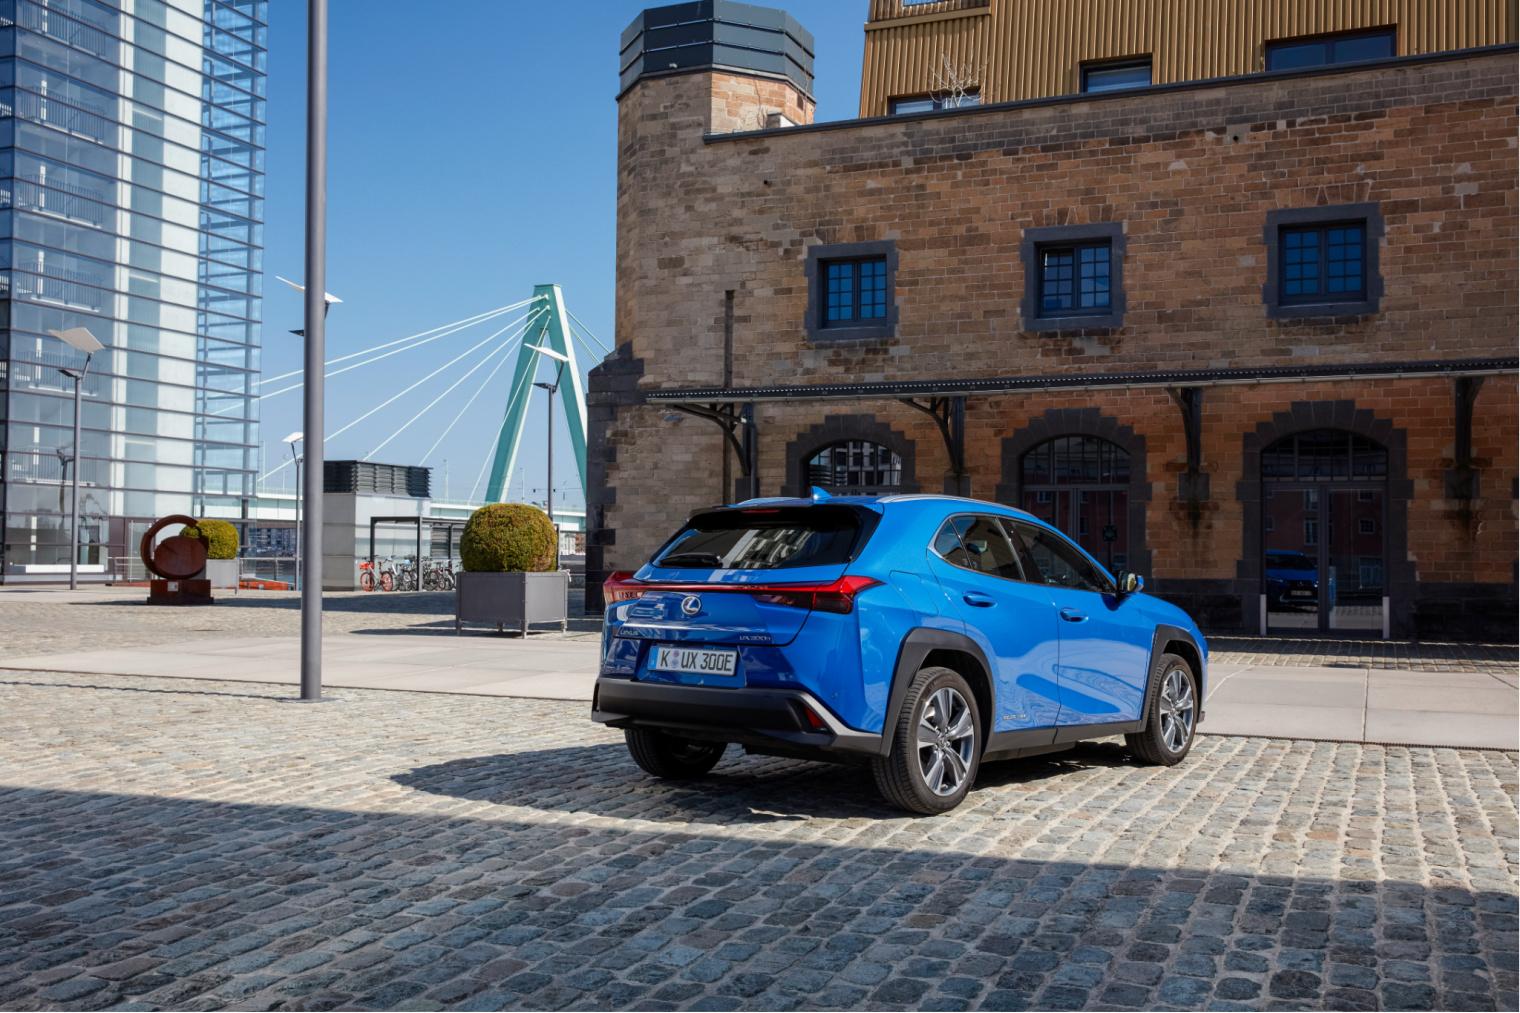 Adas nuova Lexus UX elettrica